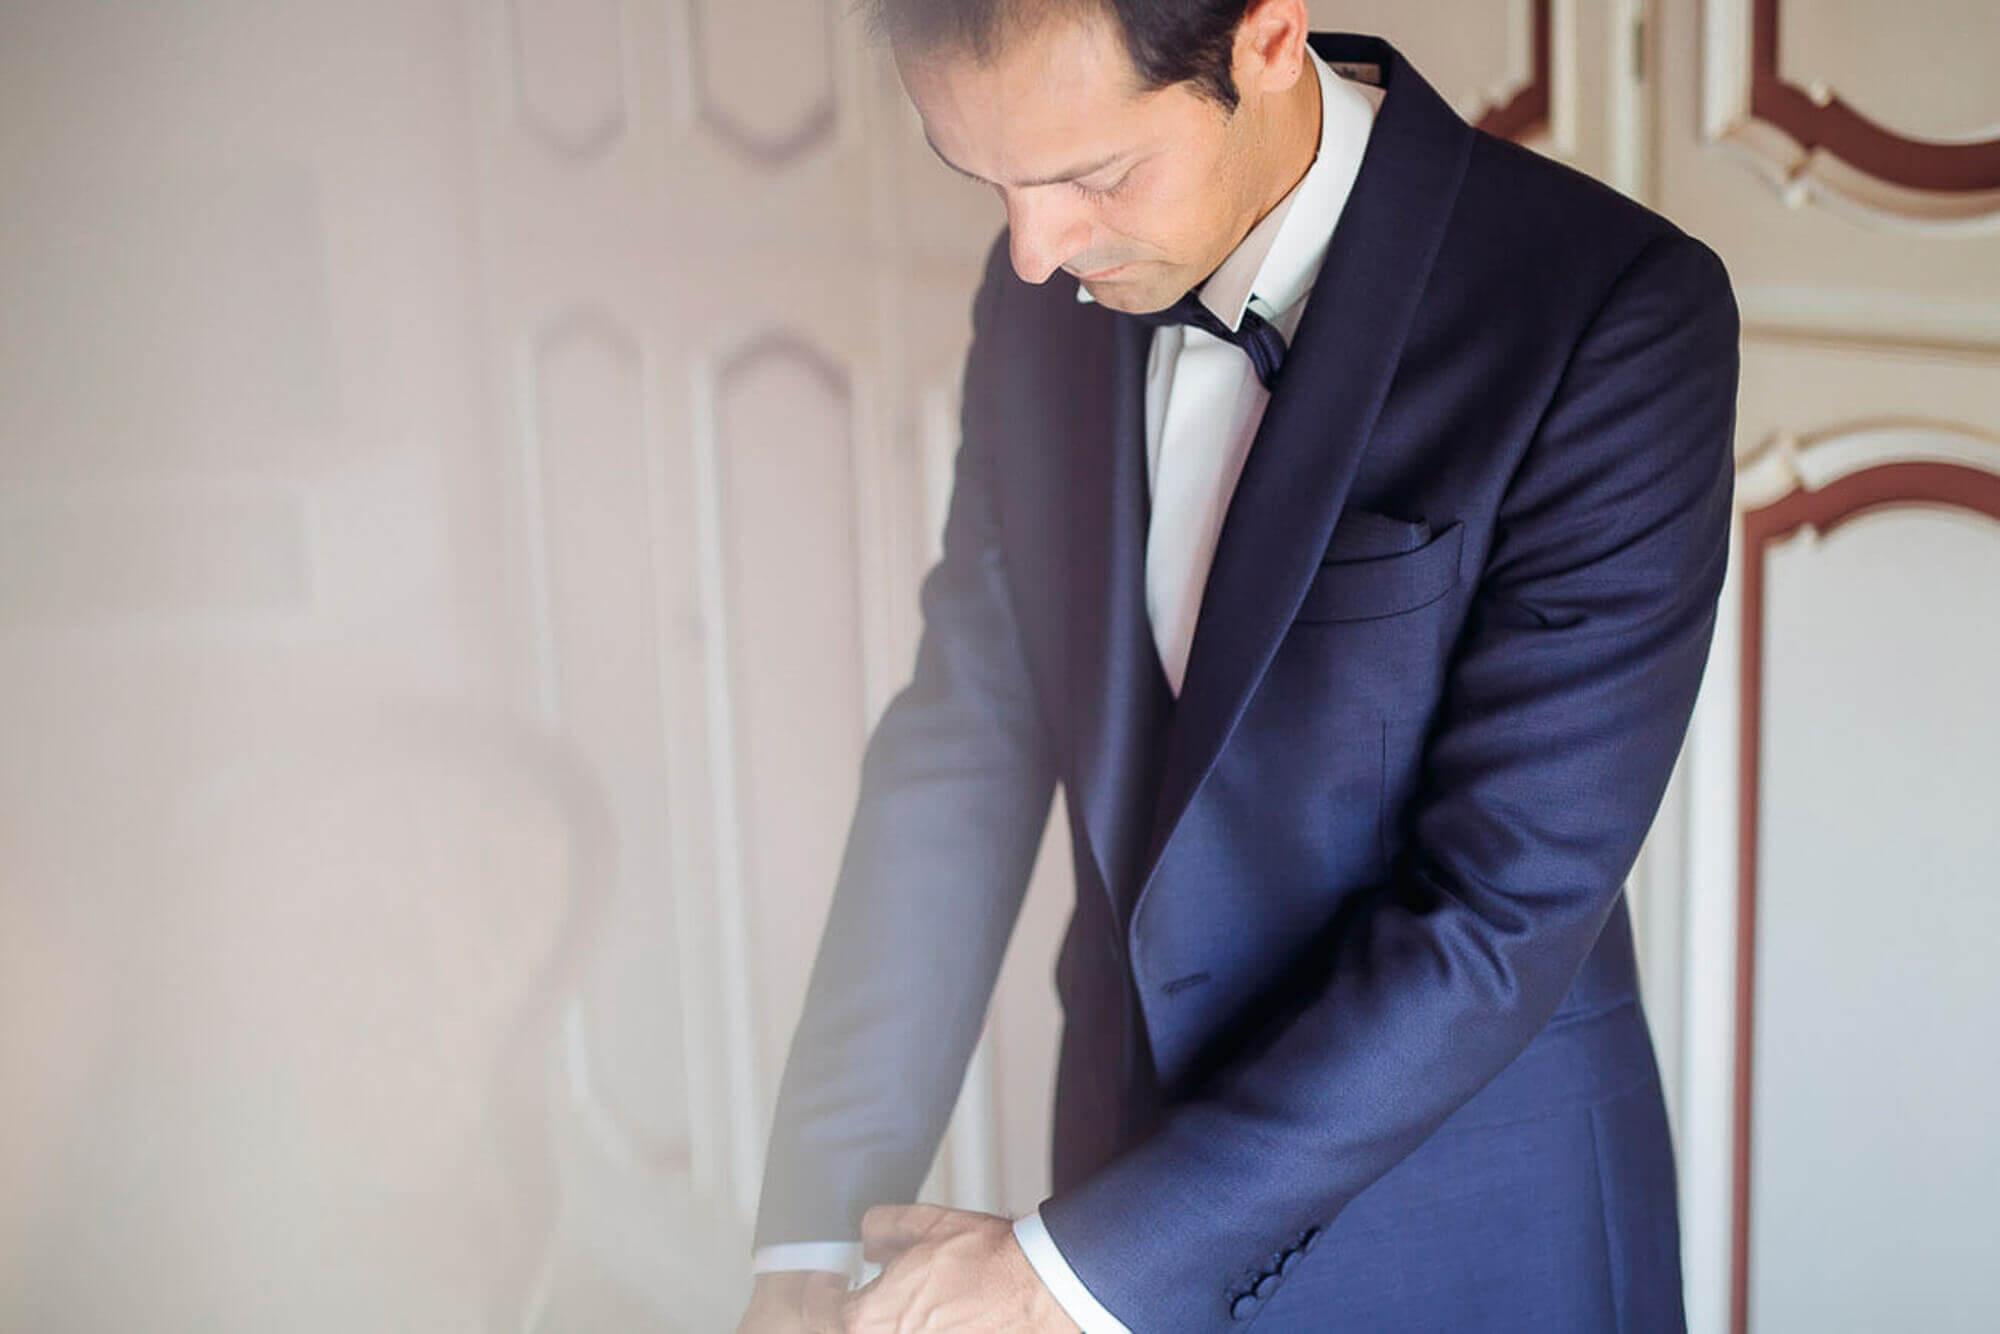 33_wedding_marche_creative getting ready groom.jpg